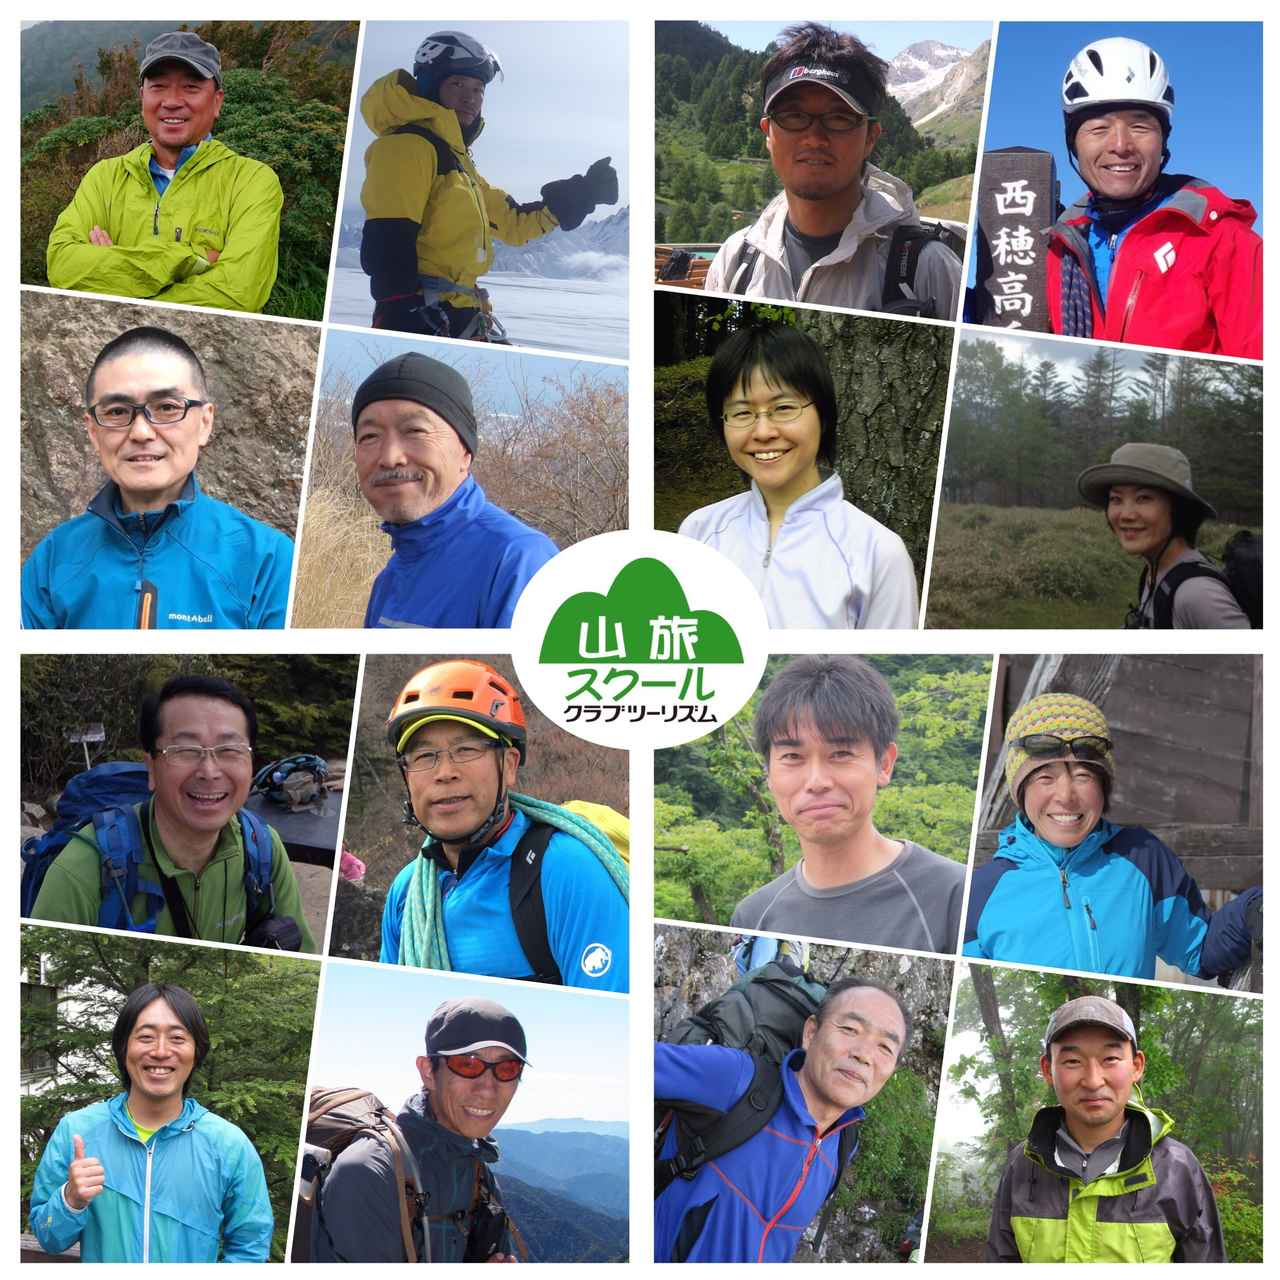 画像: 日本山岳ガイド協会所属の個性豊かなガイド陣があなたの登山をしっかりサポート あなた自身にぴったり合ったガイドが見つかるかも・・・?